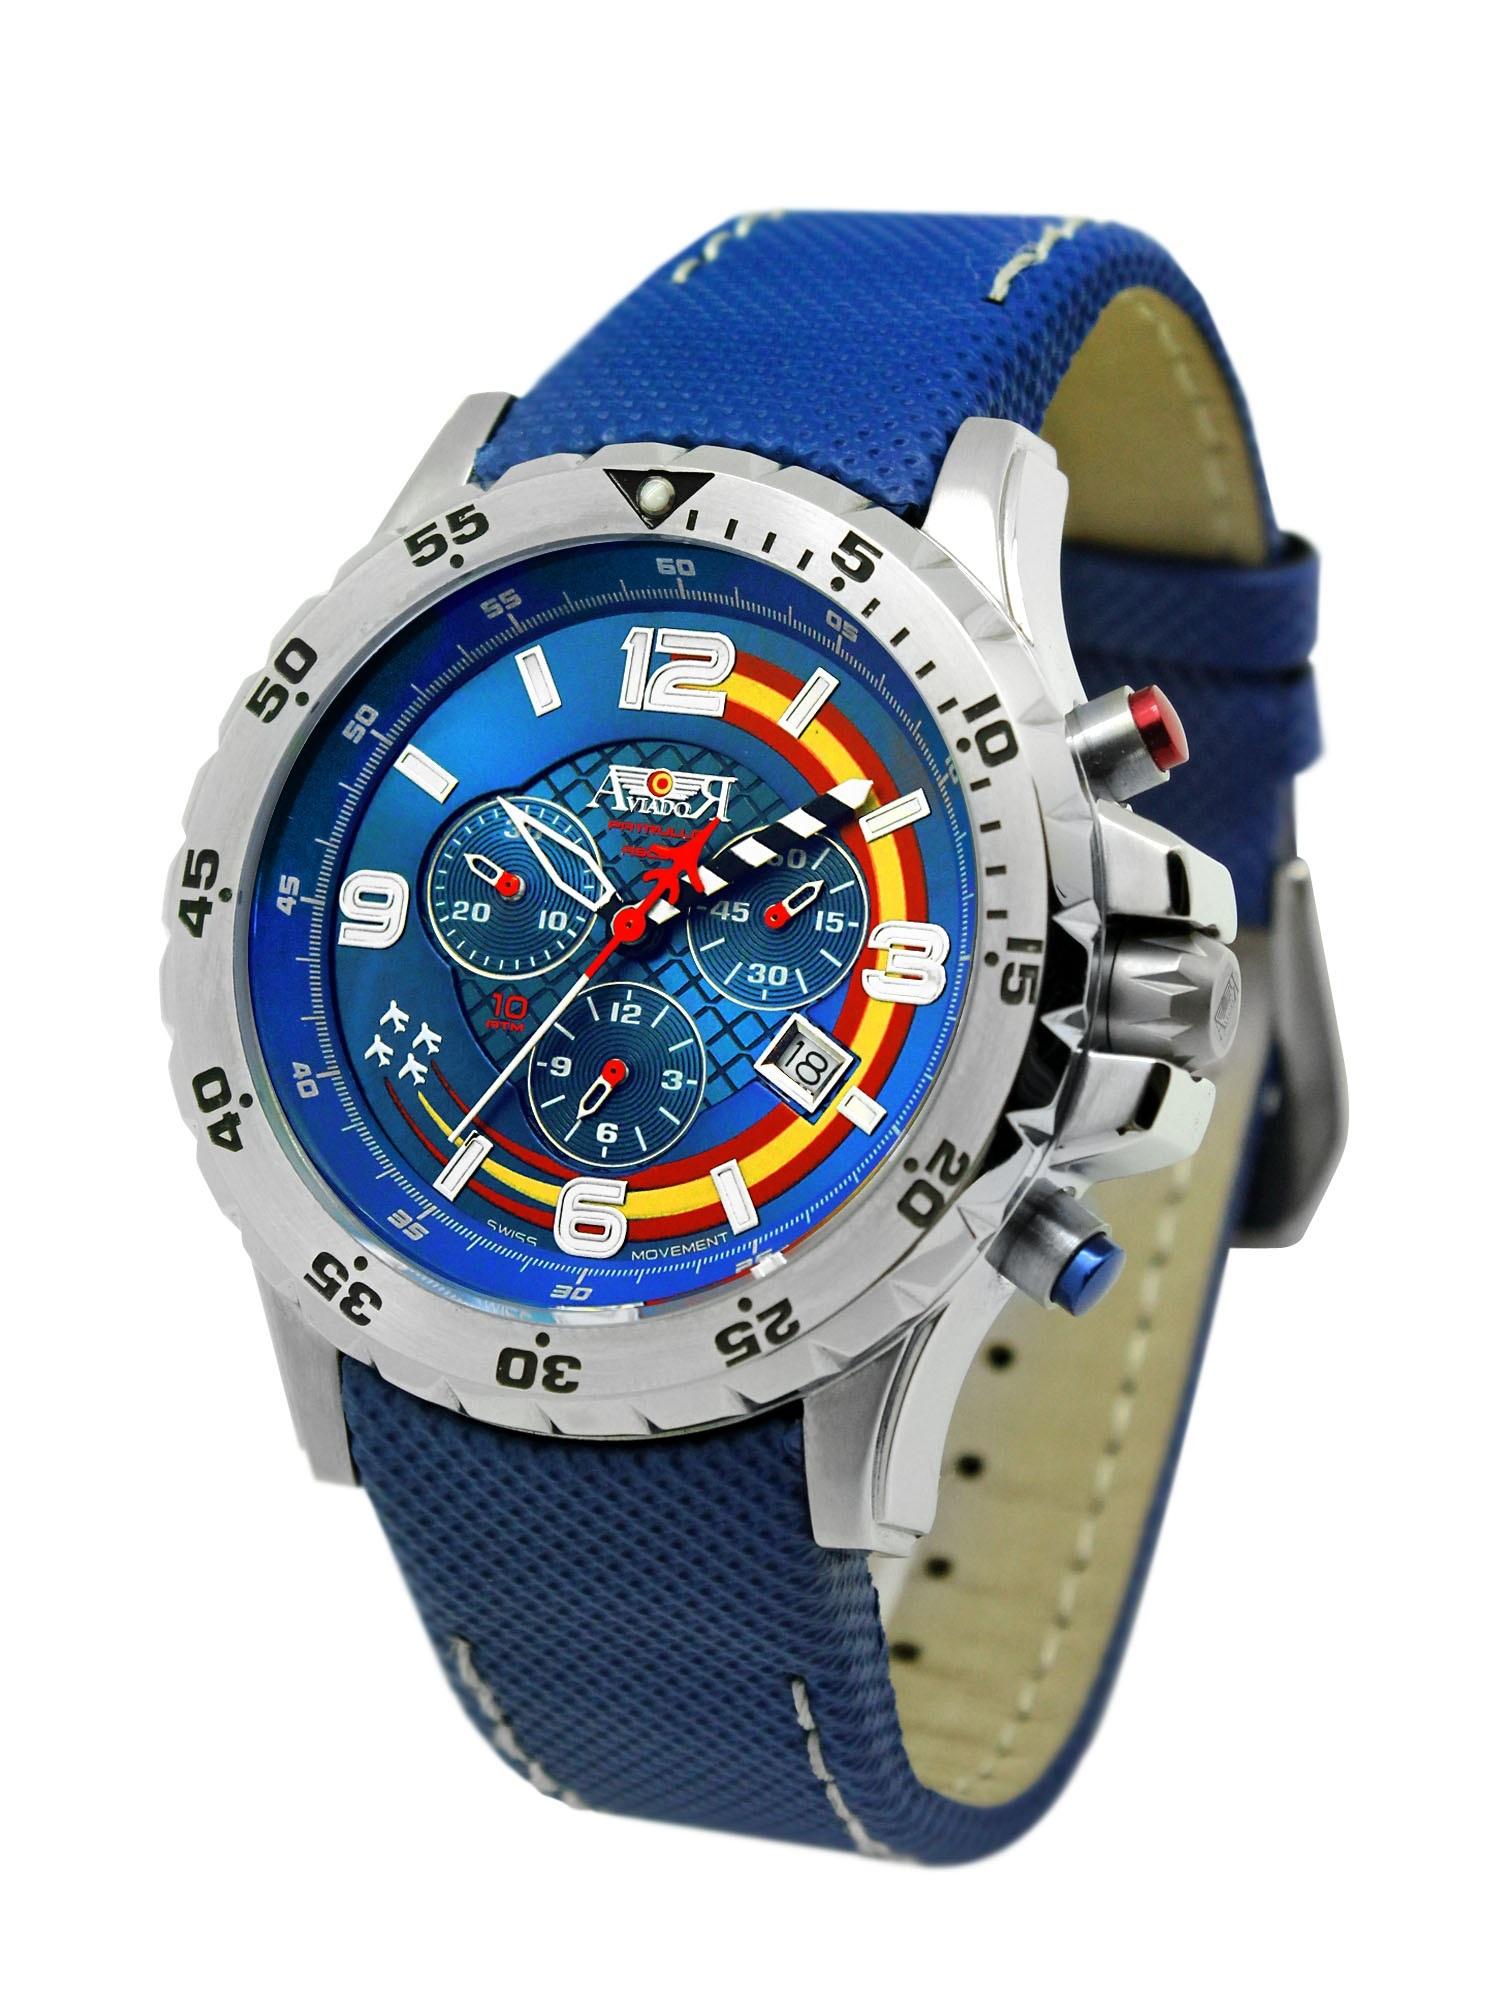 La marca de relojes Aviador cerró 2013 con un incremento del 9,5% de sus ventas